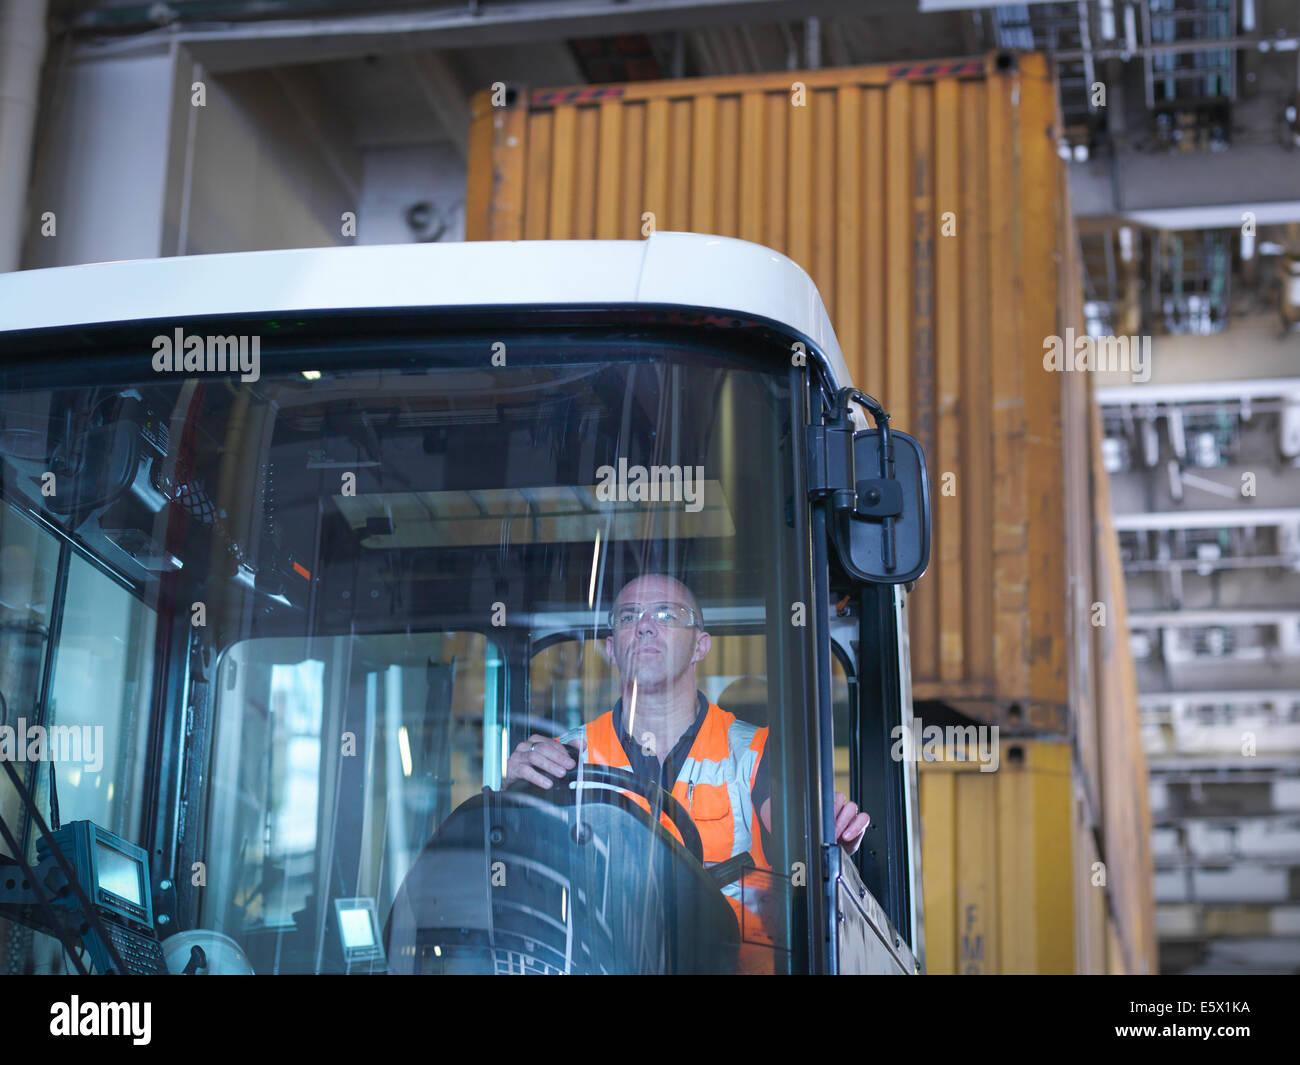 Retrato de conductor de camión contenedor en la bodega del barco Imagen De Stock